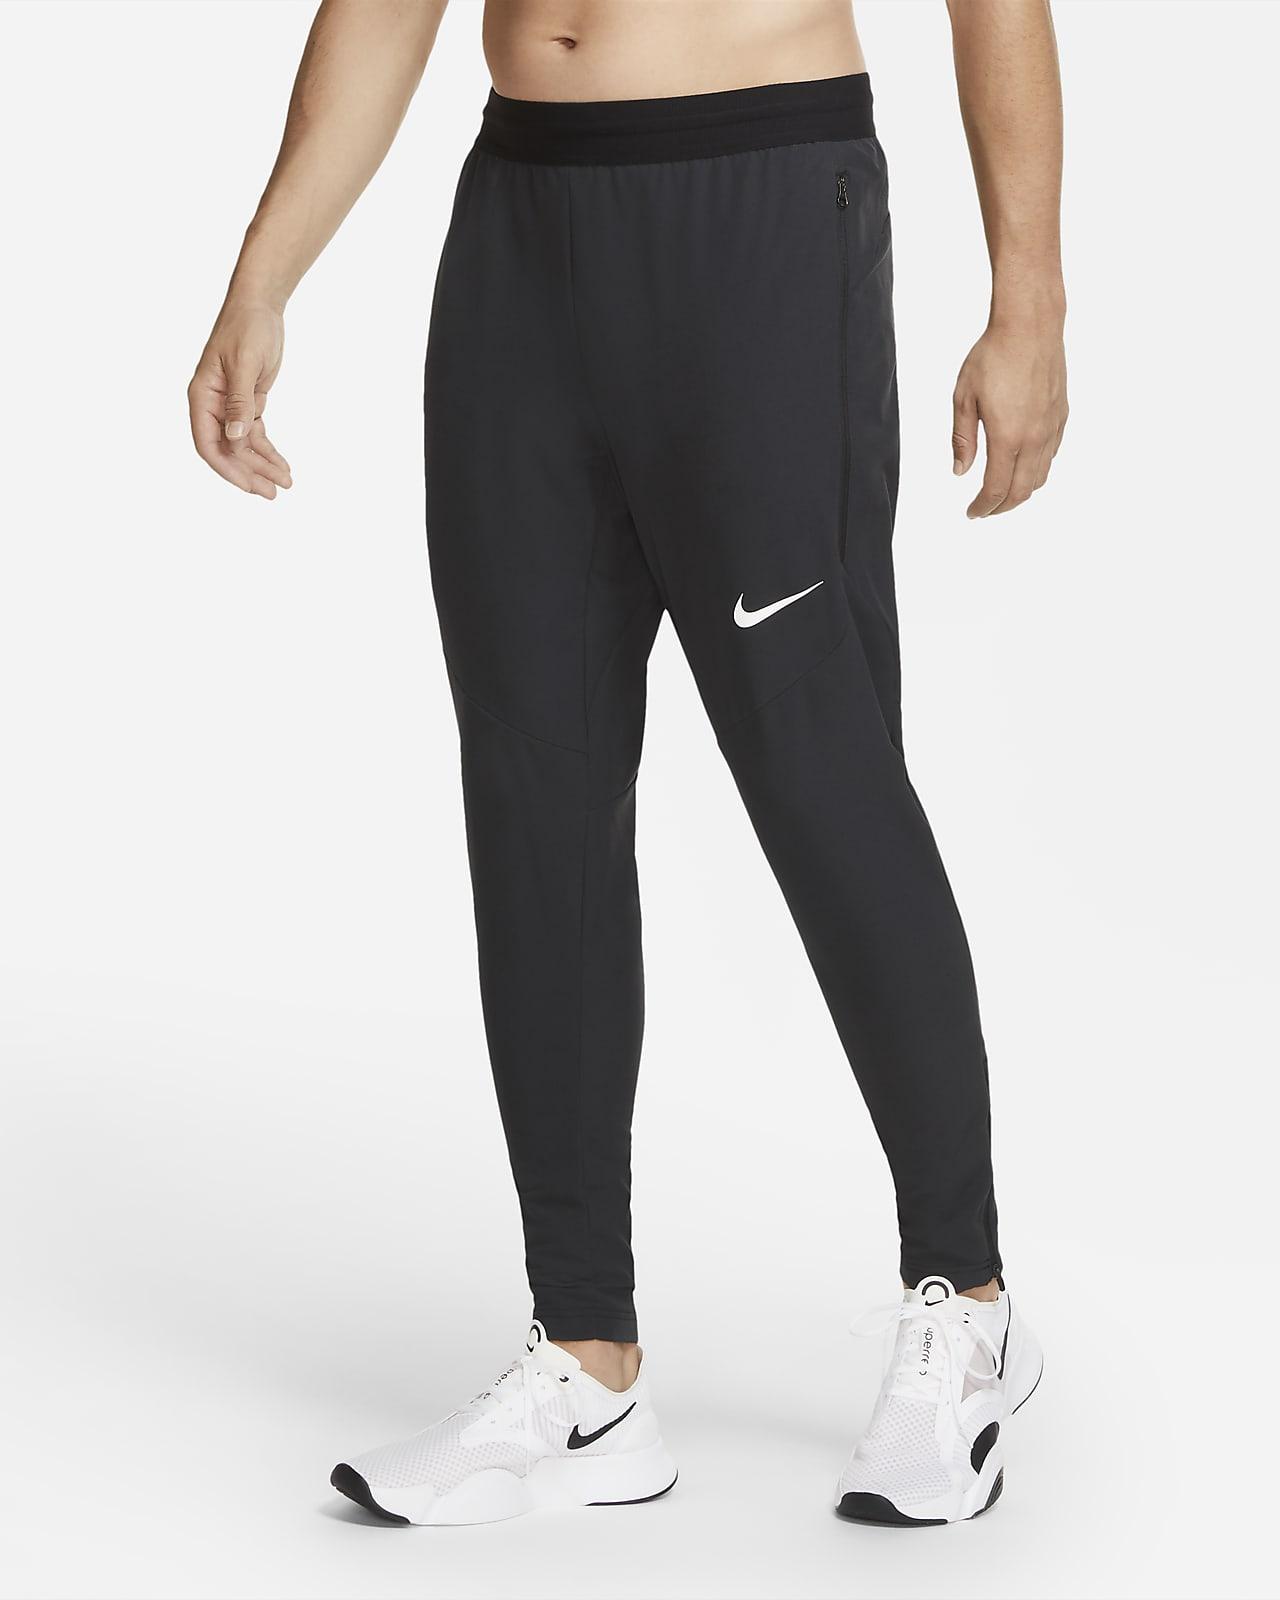 Мужские зимние брюки из тканого материала для тренинга Nike